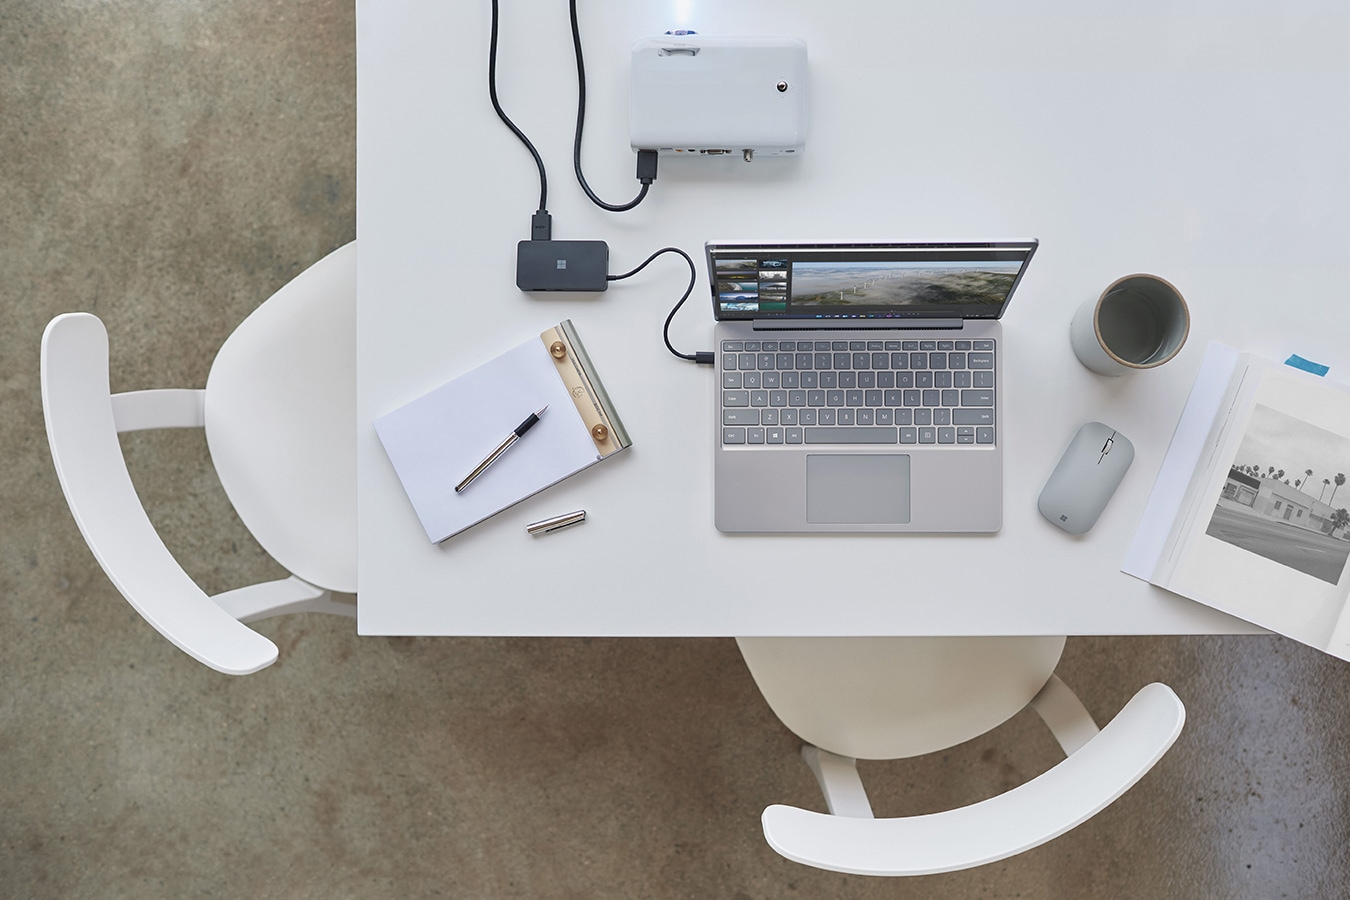 Surface Laptop Go على مكتب ومتصل بجهاز بروجيكتور